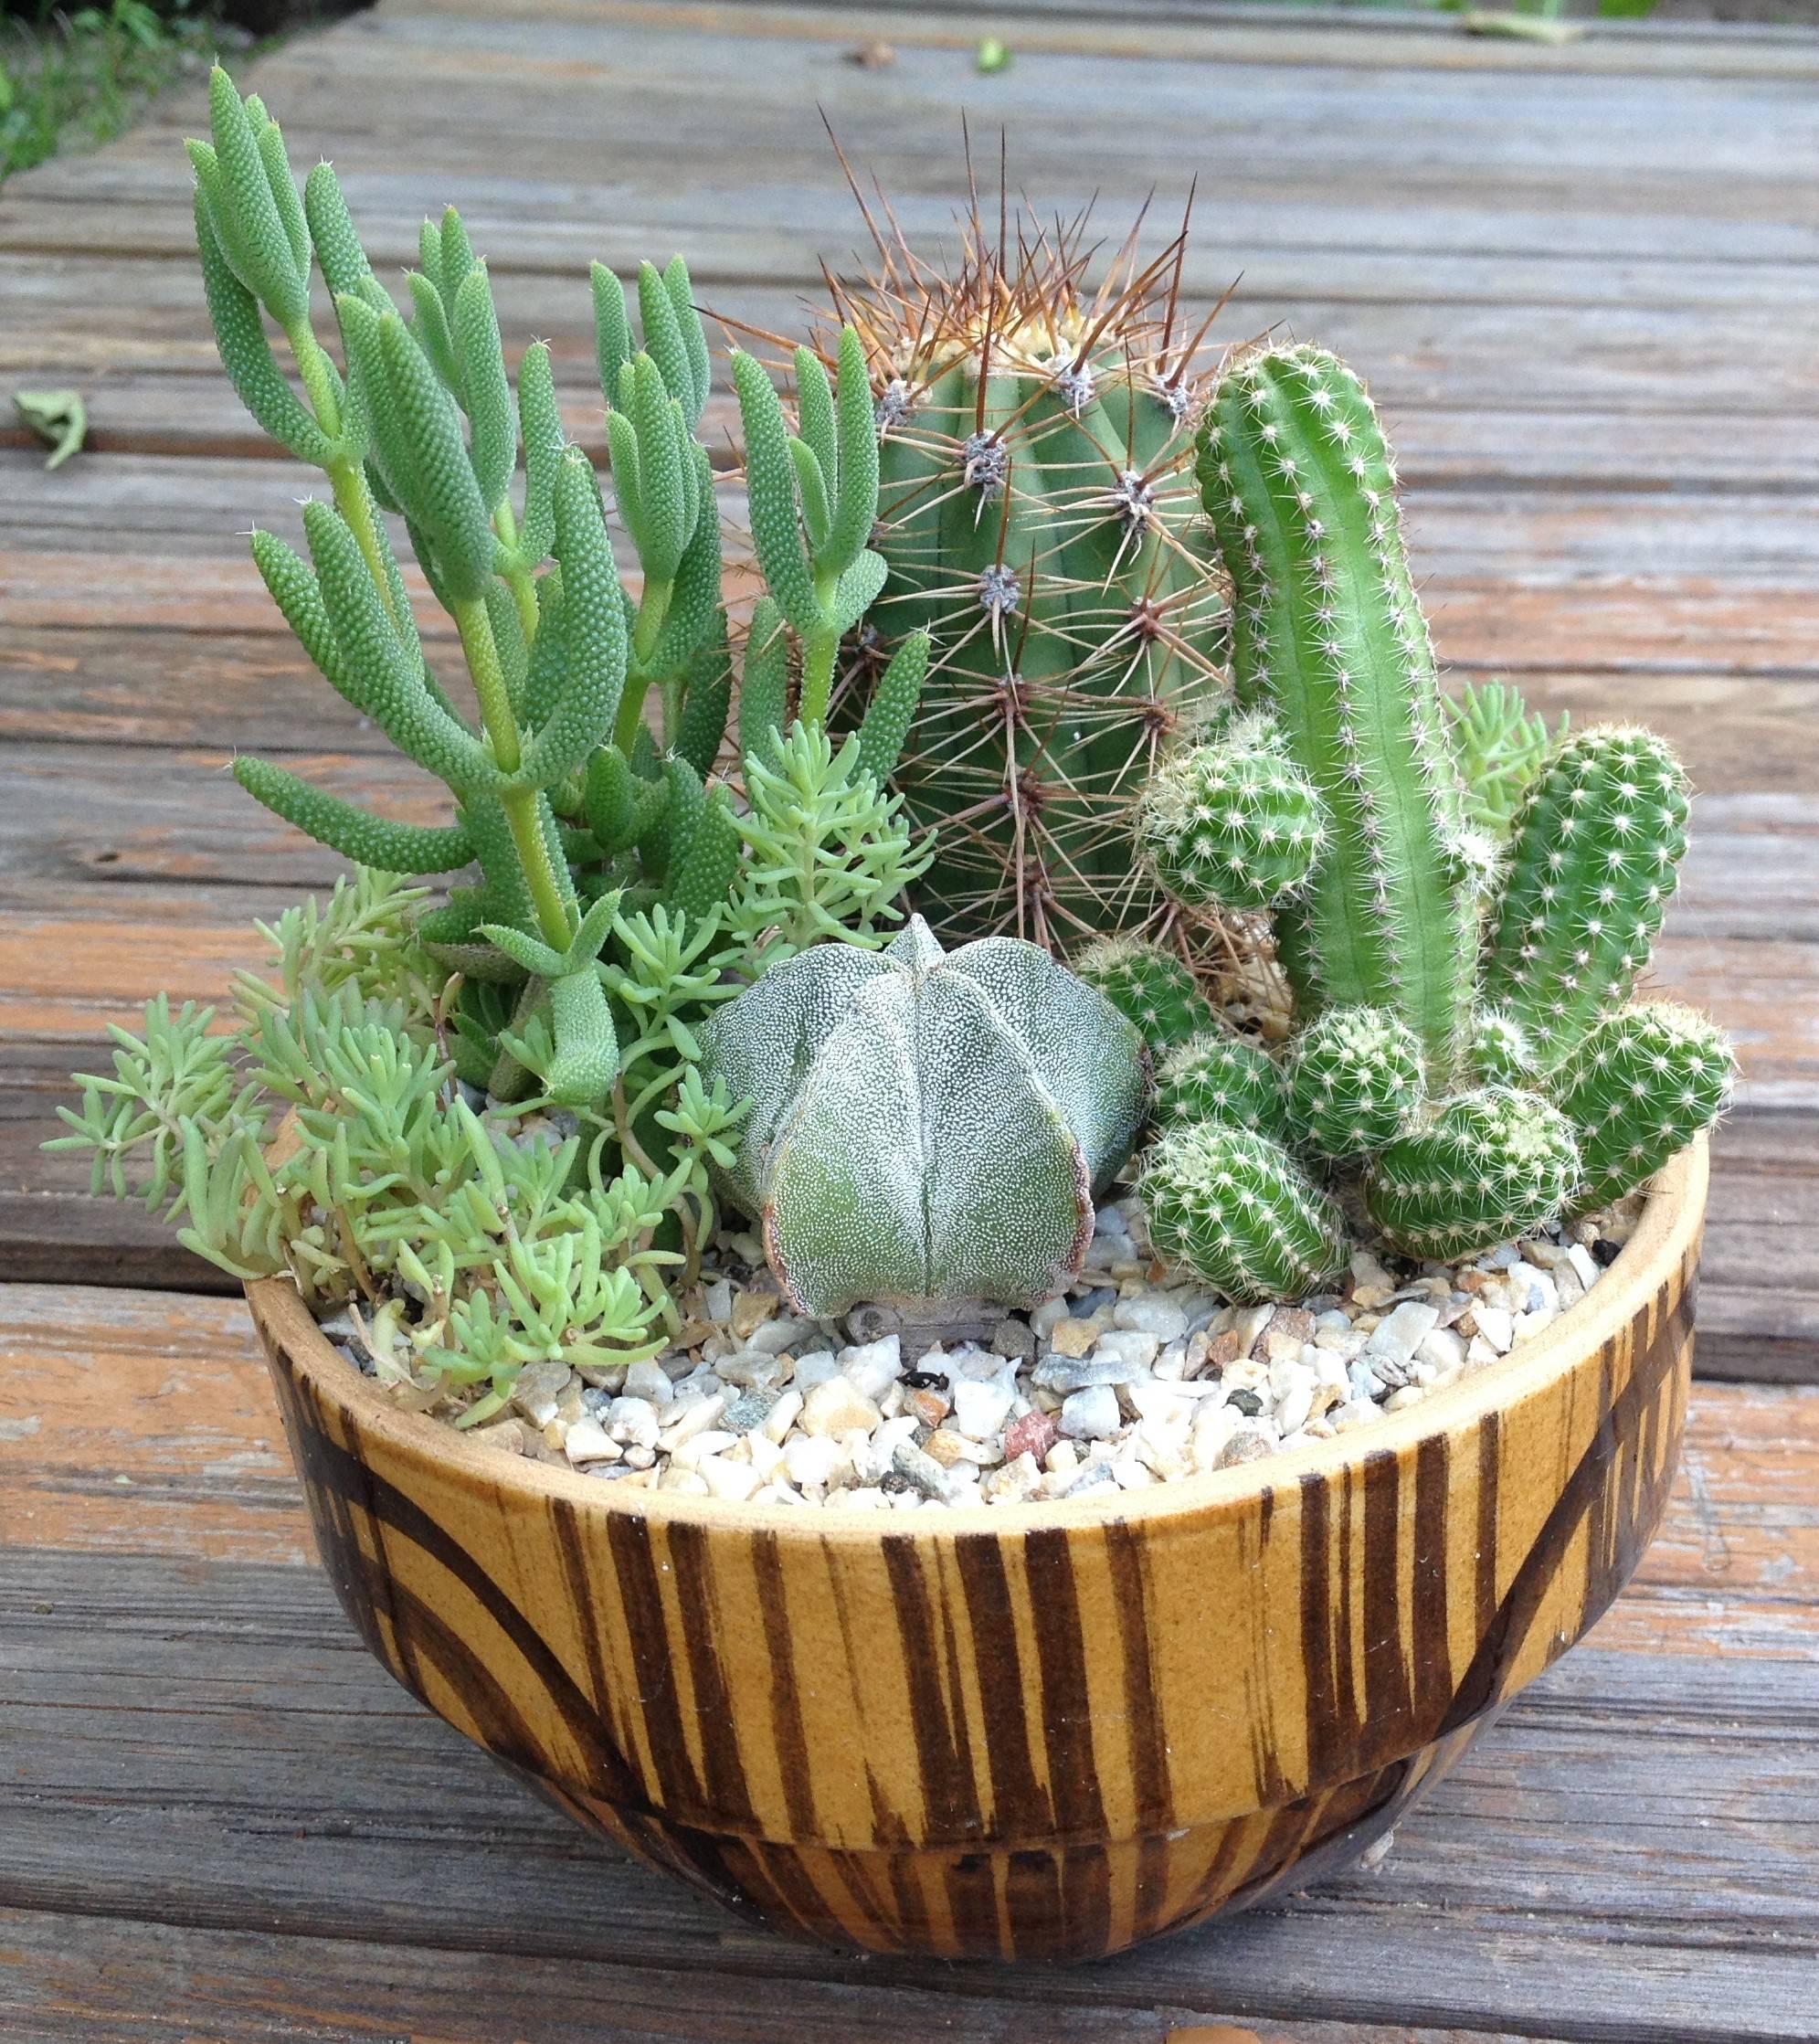 Какие бывают виды кактусов: фото, видео названия, краткое описание разных видов домашних кактусов